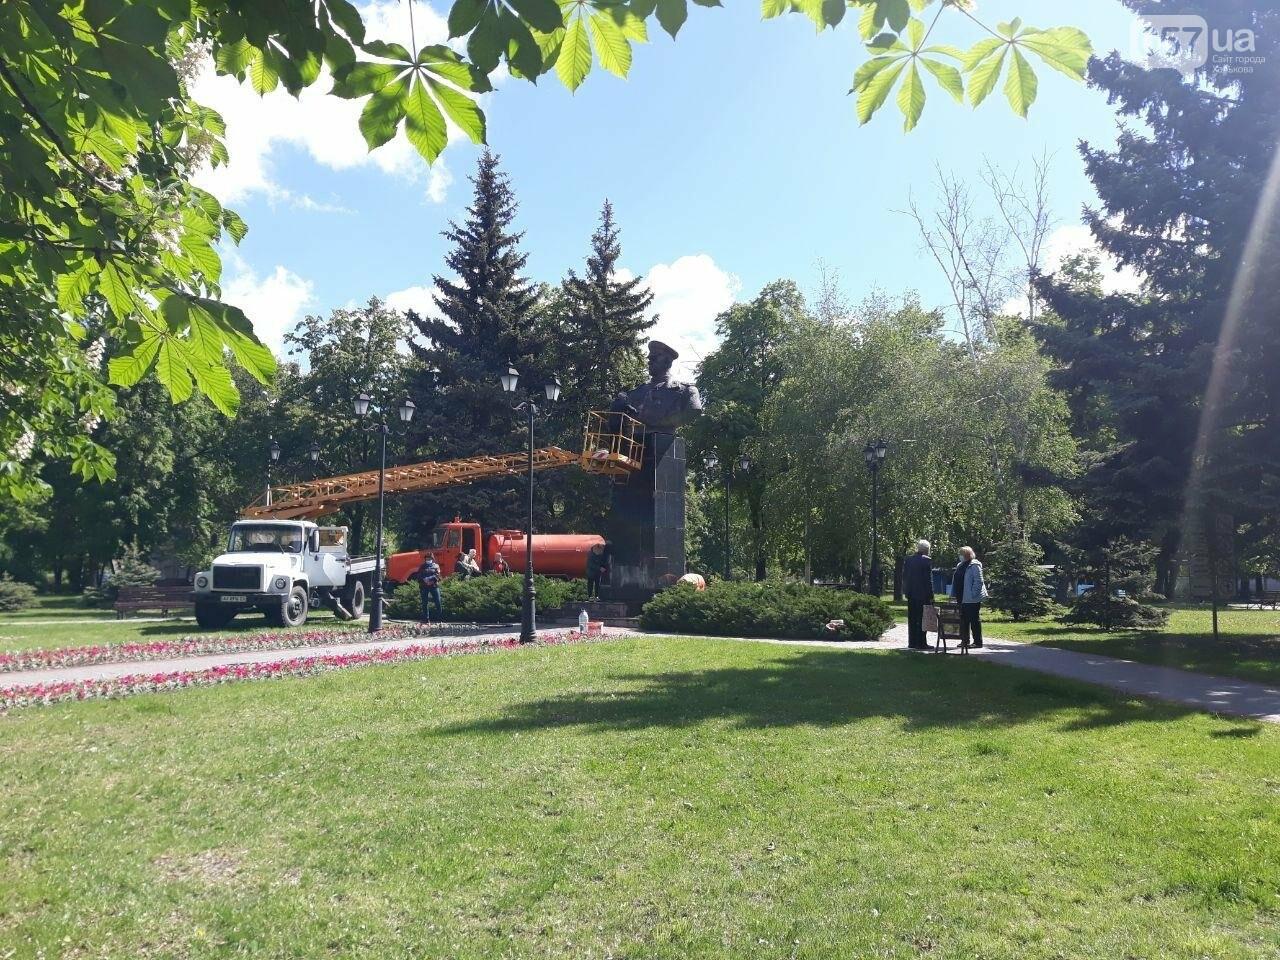 В Харькове неизвестные вновь облили красной краской памятник Жукову, - ФОТО, фото-2